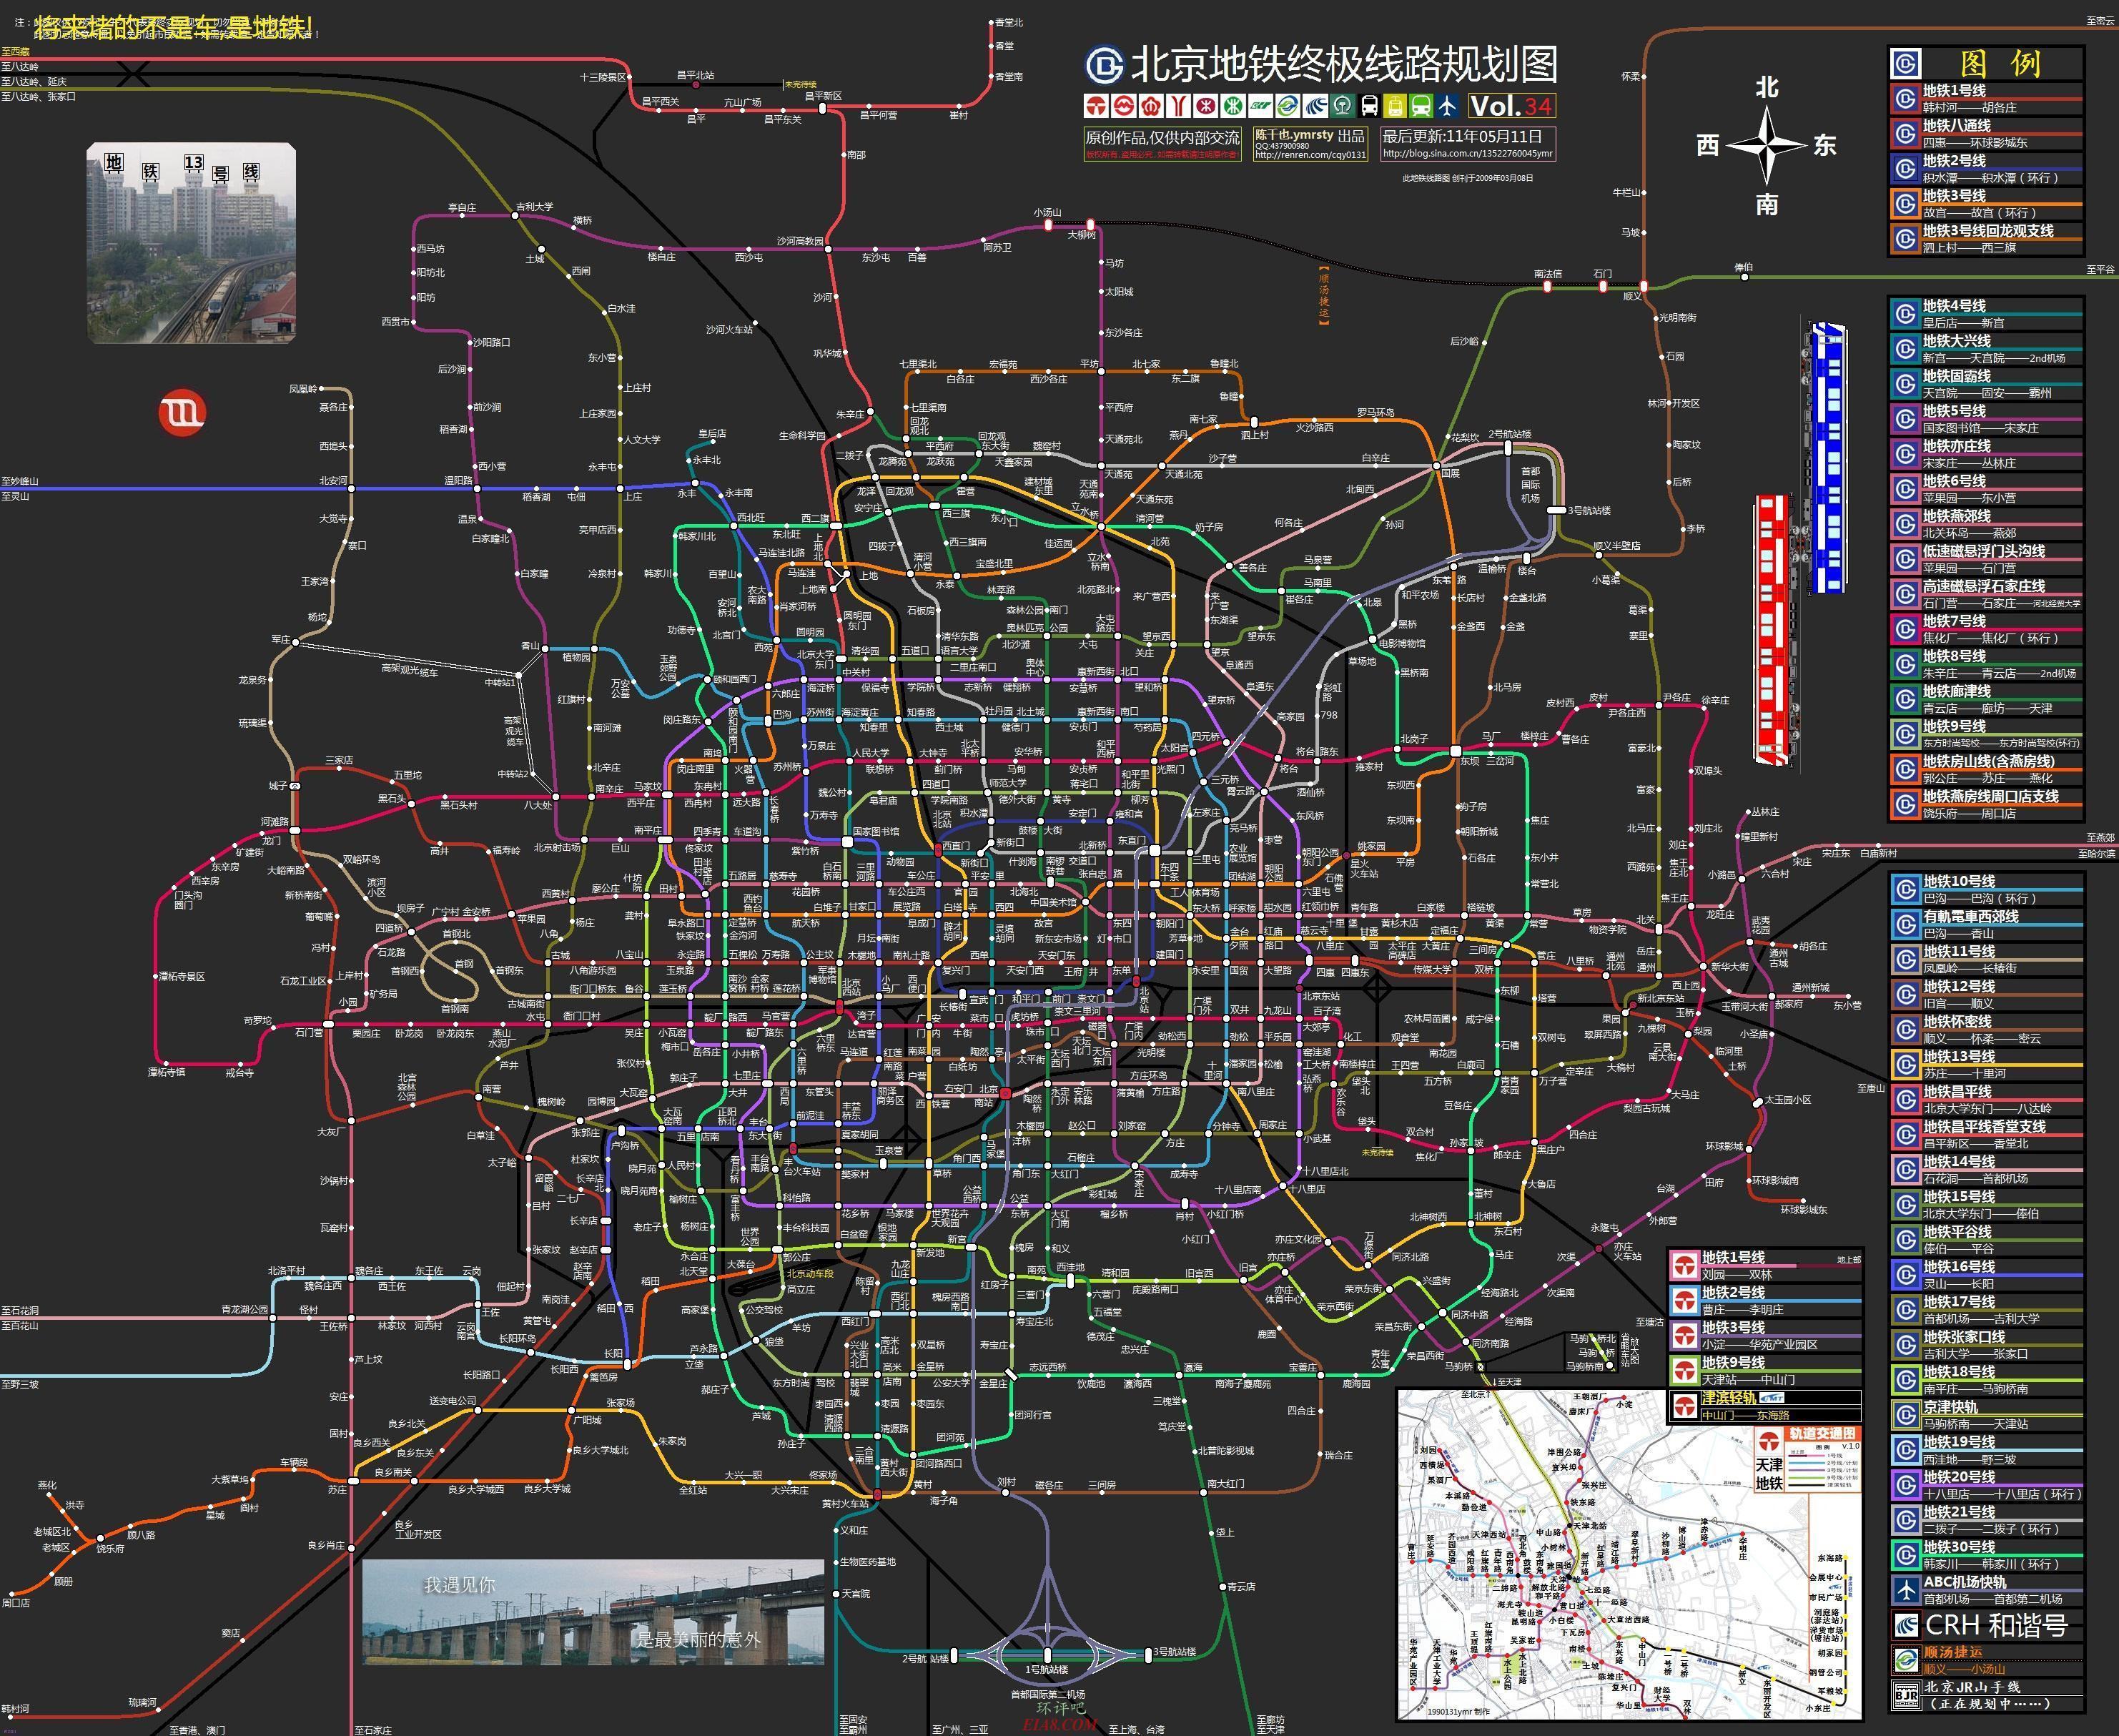 地铁规划图2020 跪求超高清的武汉地铁规划图终极 2020 版